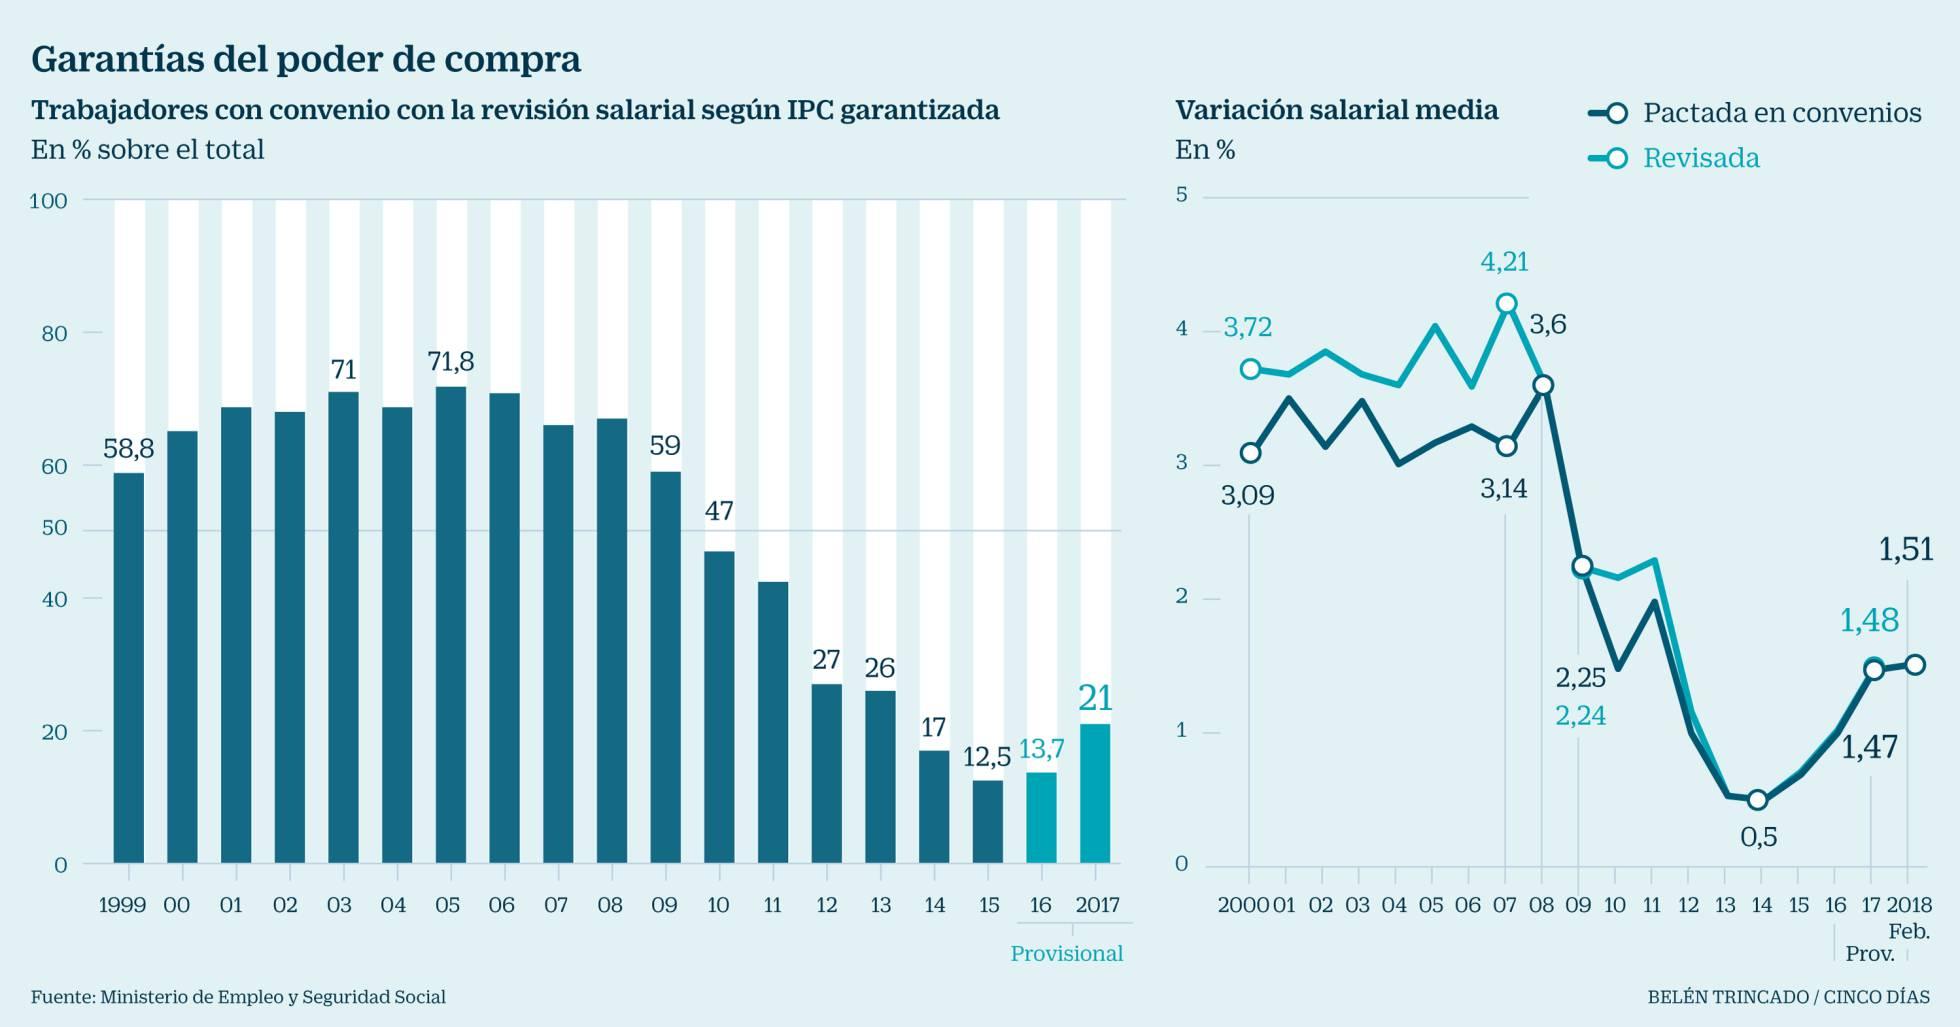 Salarios, precios y ganancias $ - Página 12 1521627293_607430_1521844225_noticia_normal_recorte1